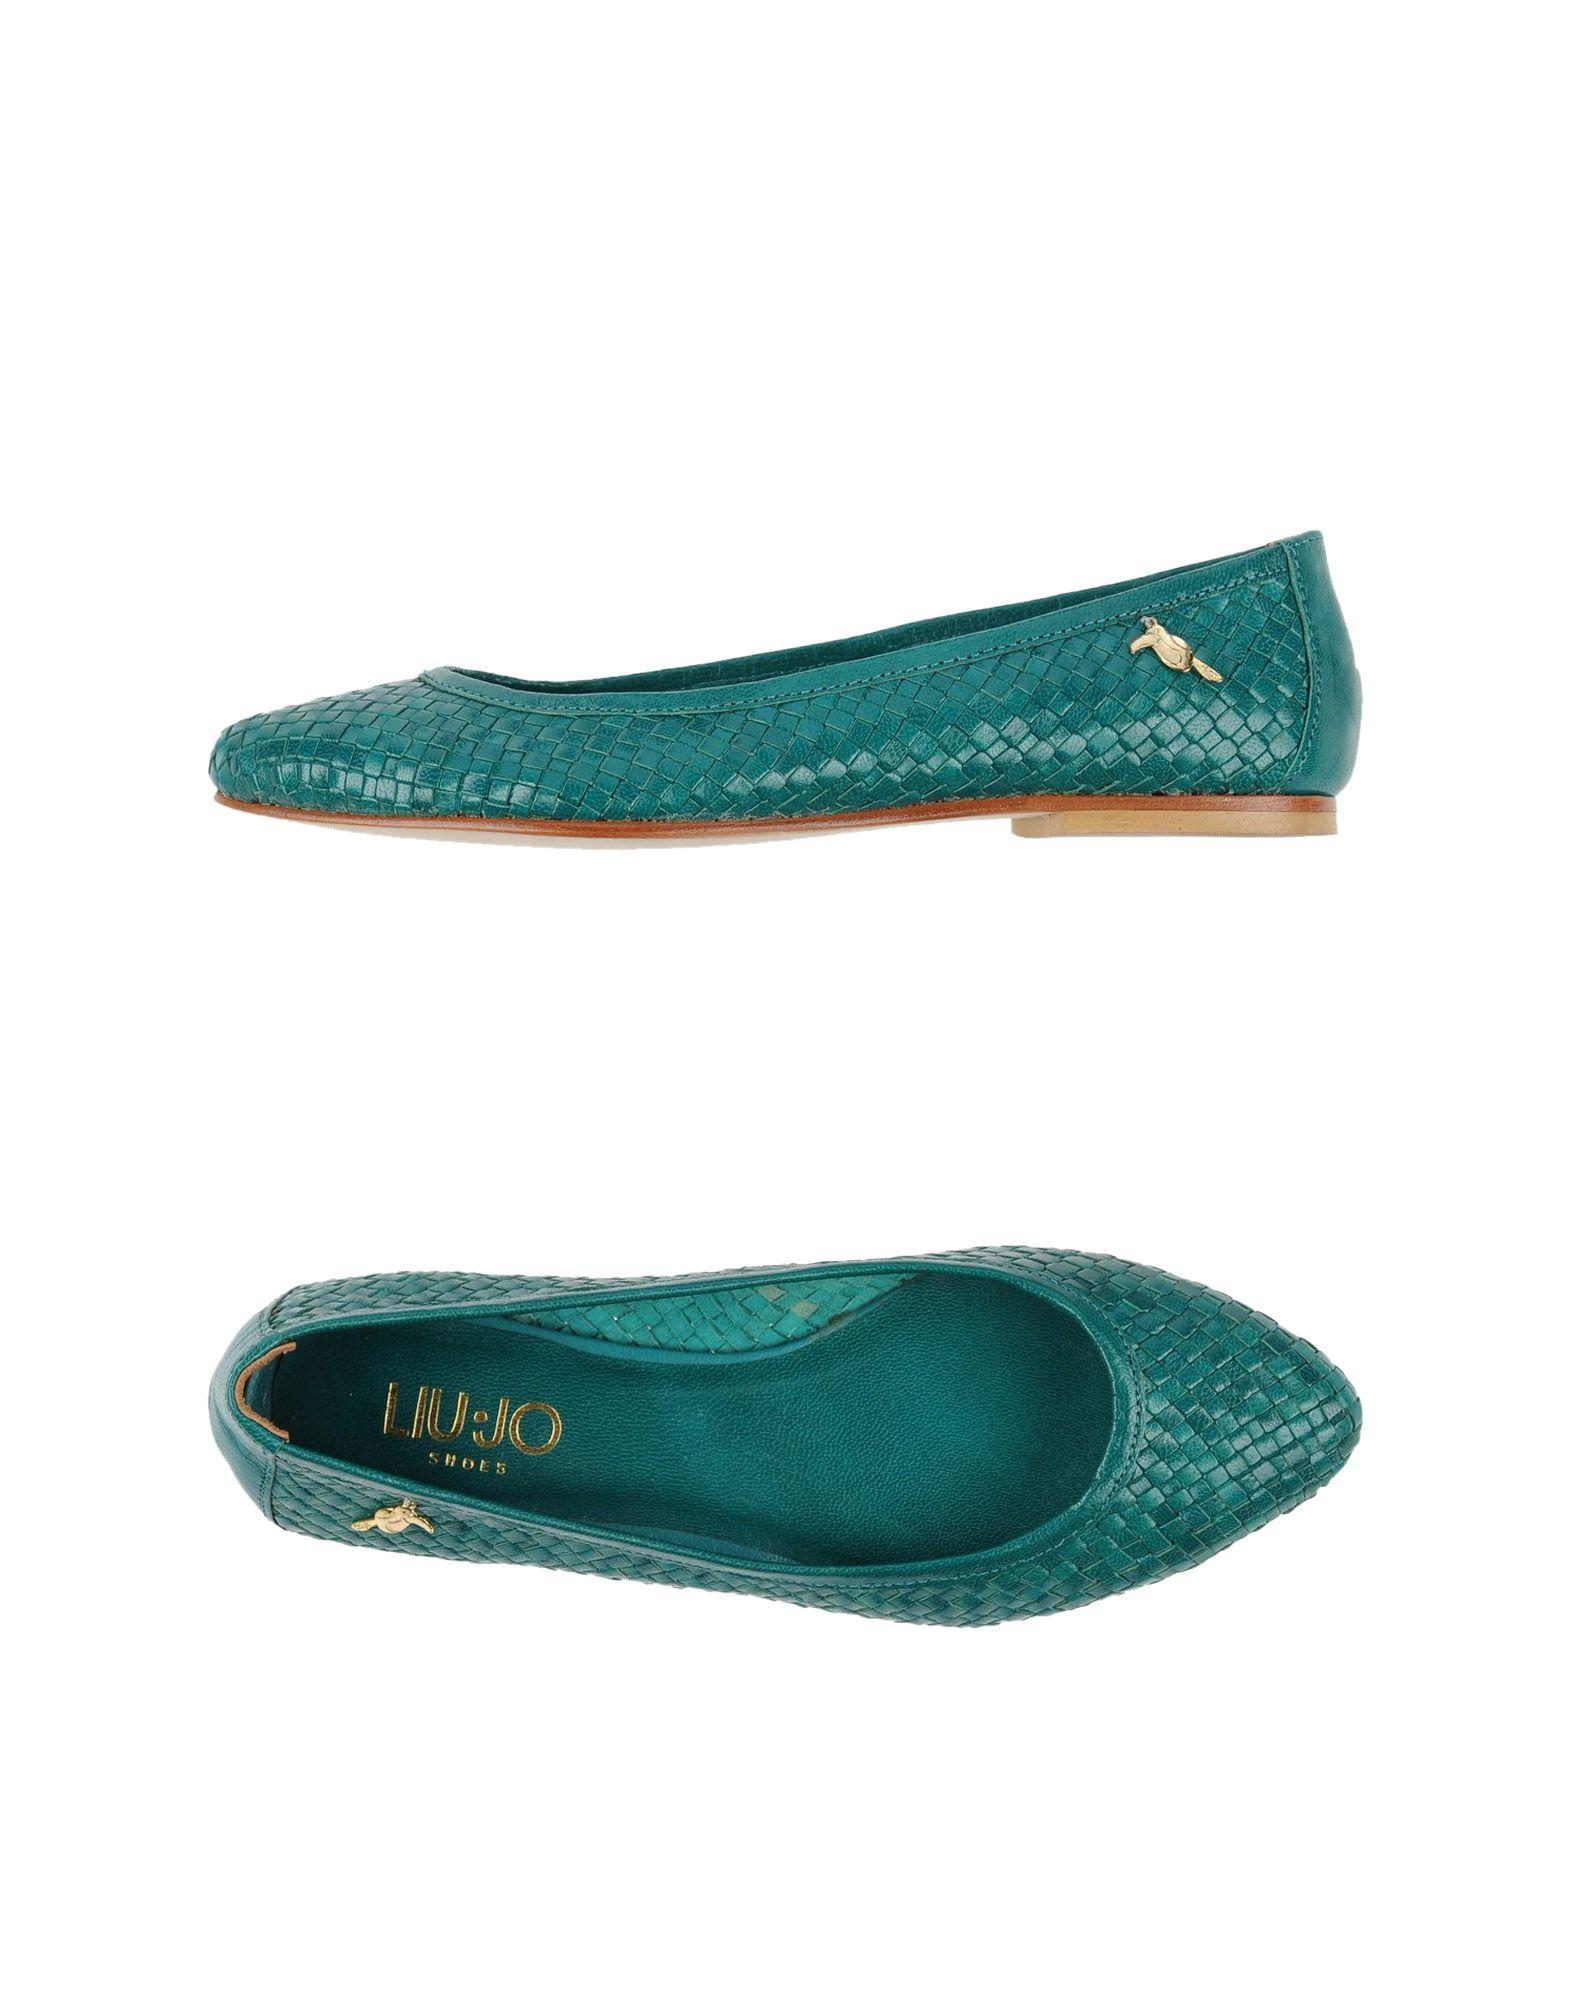 Green Ballet Flat Shoes